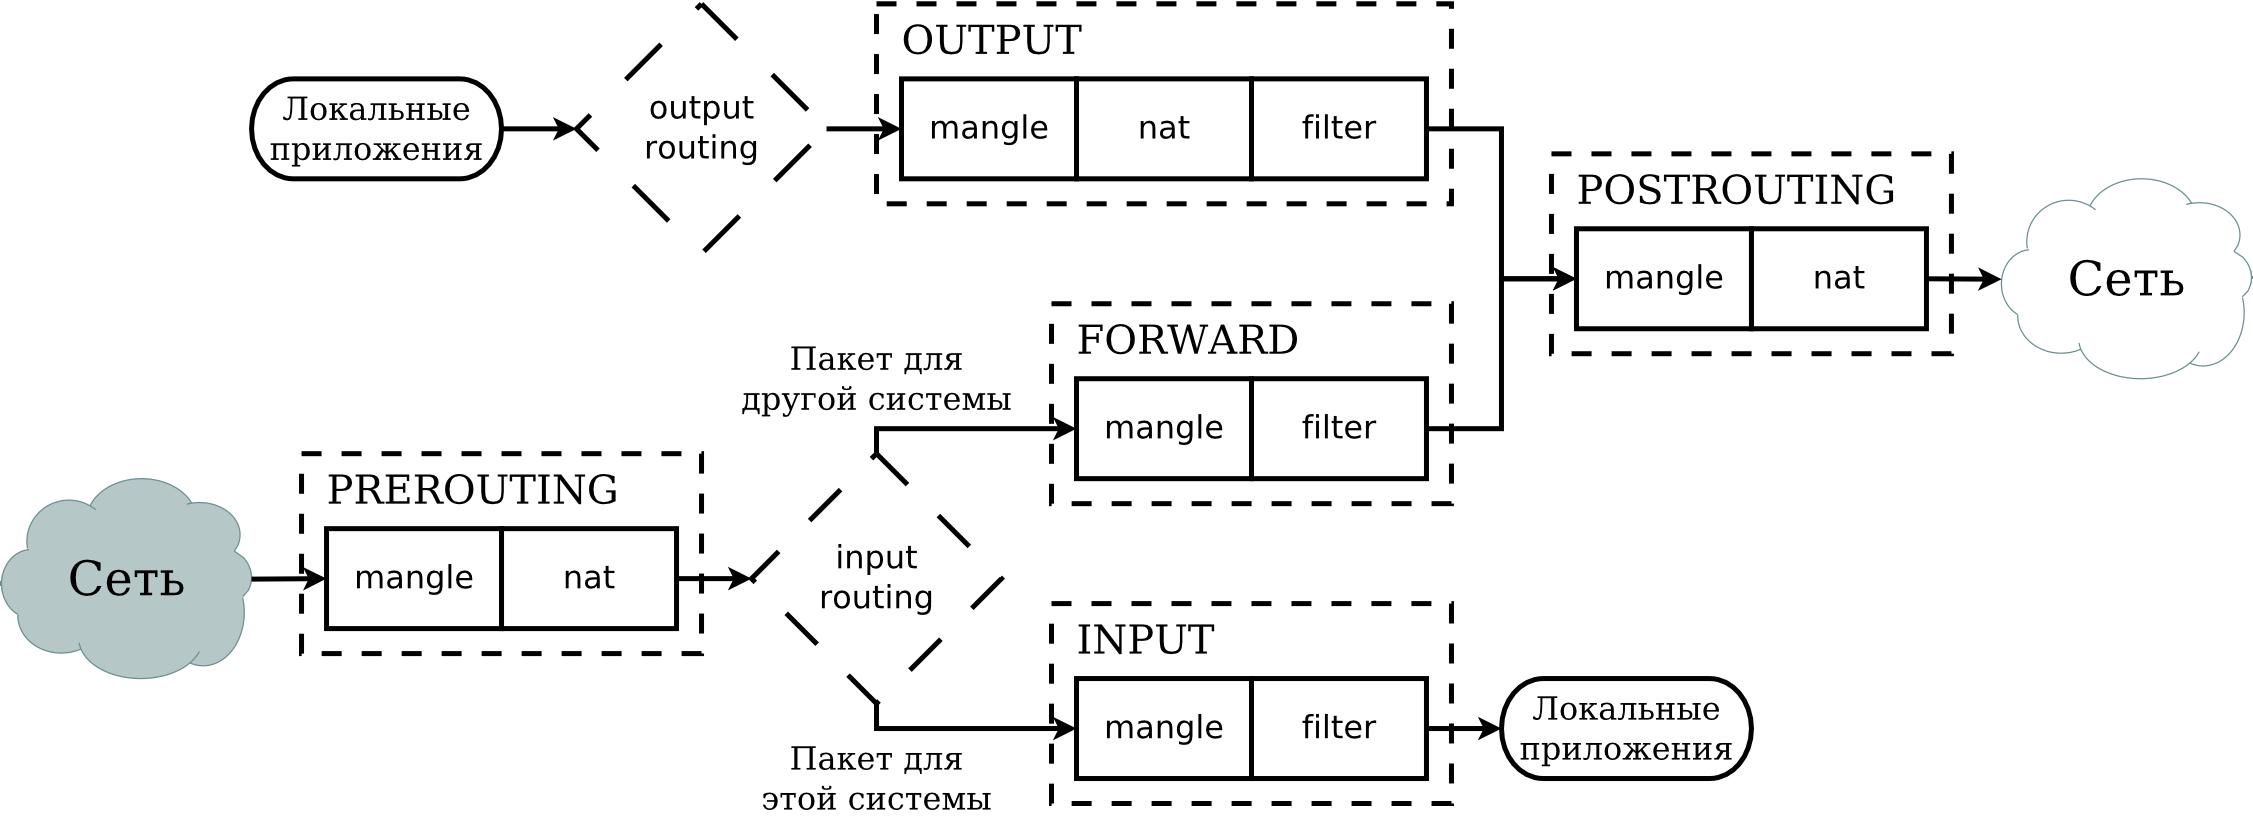 Как сделать правила iptables постоянными после перезагрузки в Linux